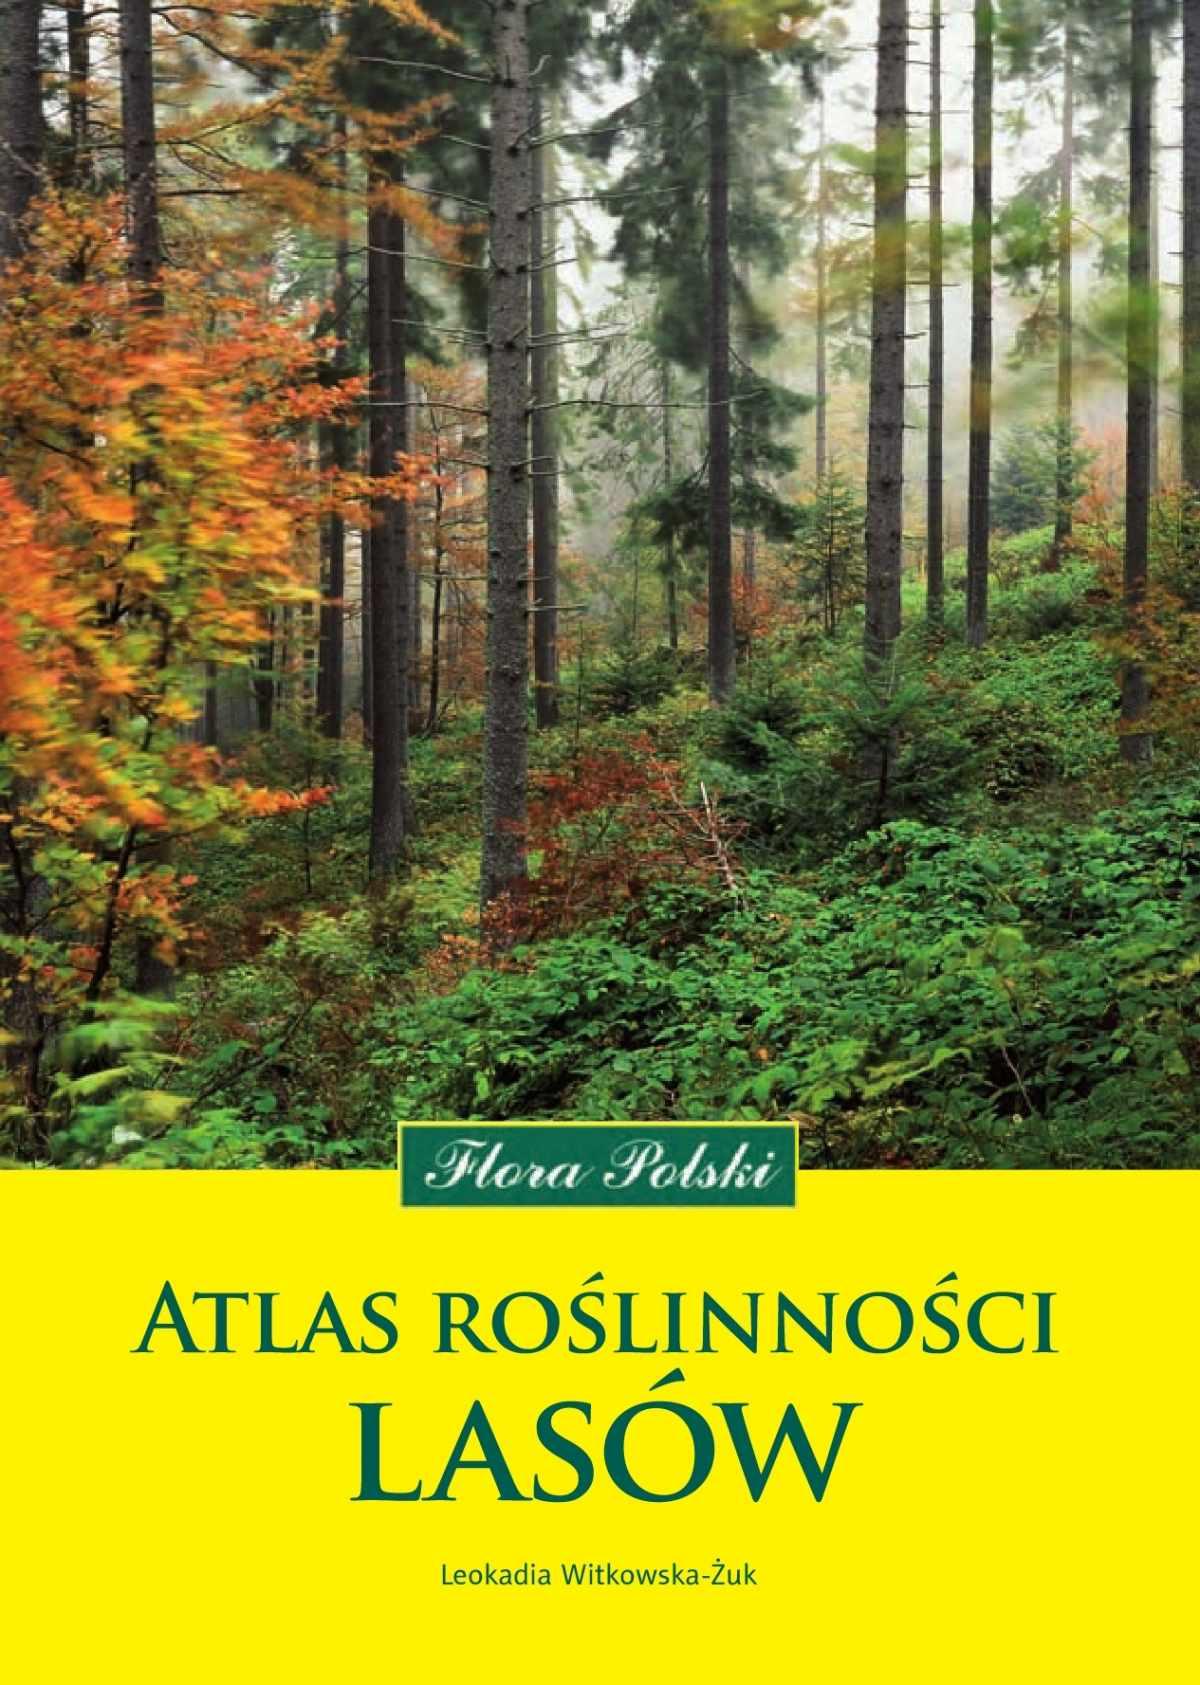 Atlas roślinności lasów. Flora Polski - Ebook (Książka PDF) do pobrania w formacie PDF